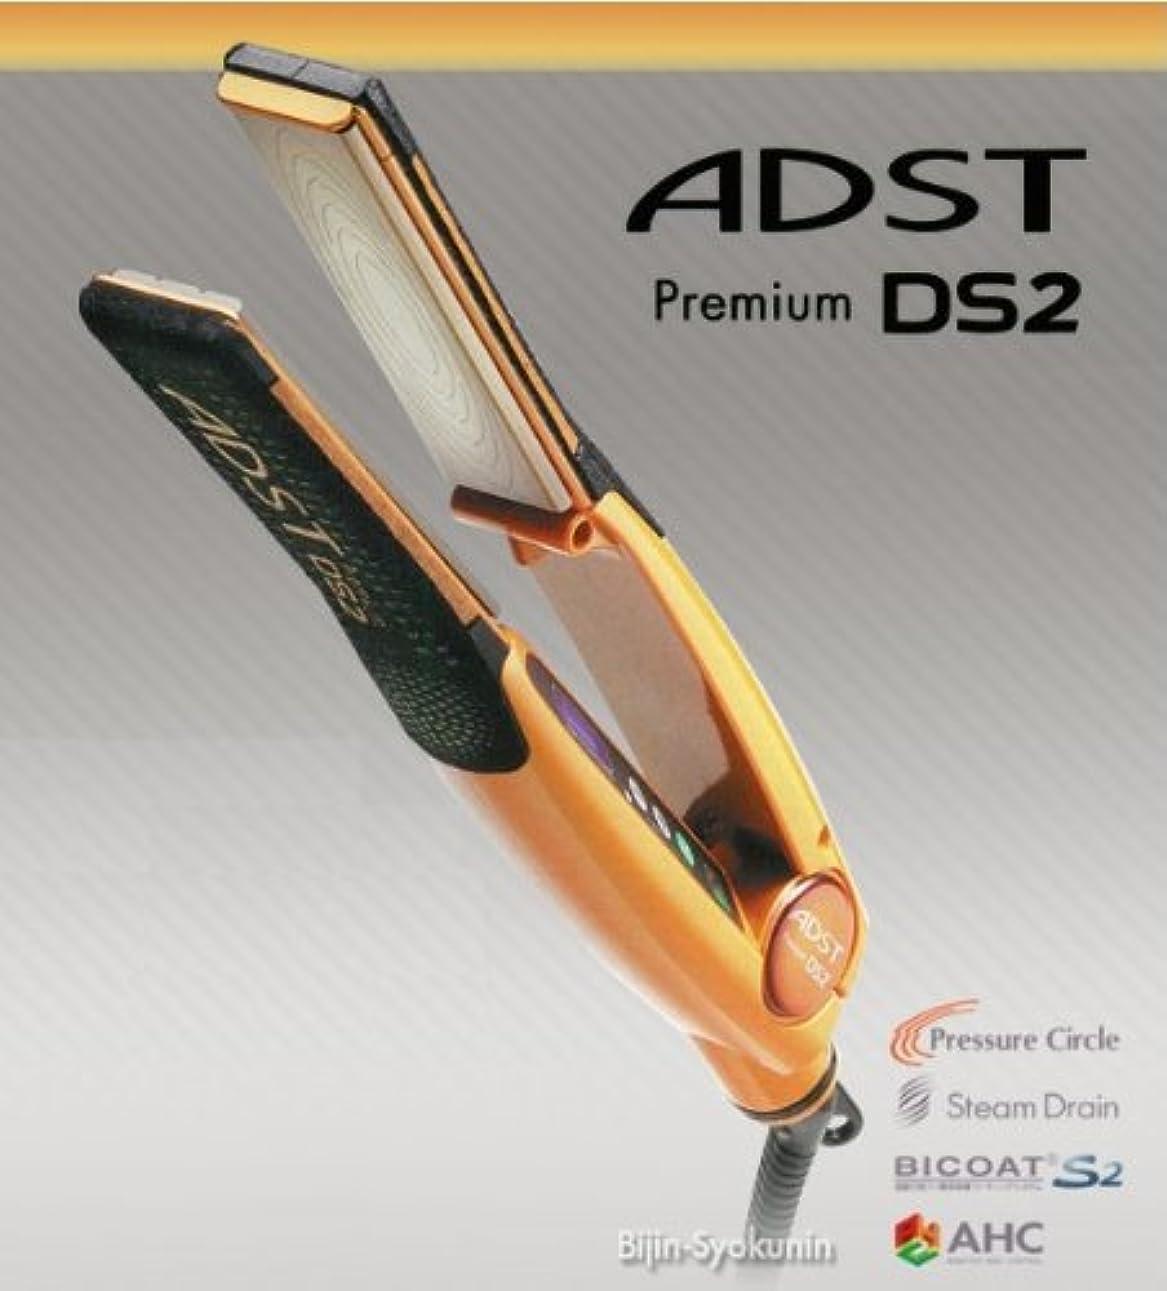 下向き過剰雇うADST Premium DS2 アドスト プレミアム DS2 ストレートアイロン